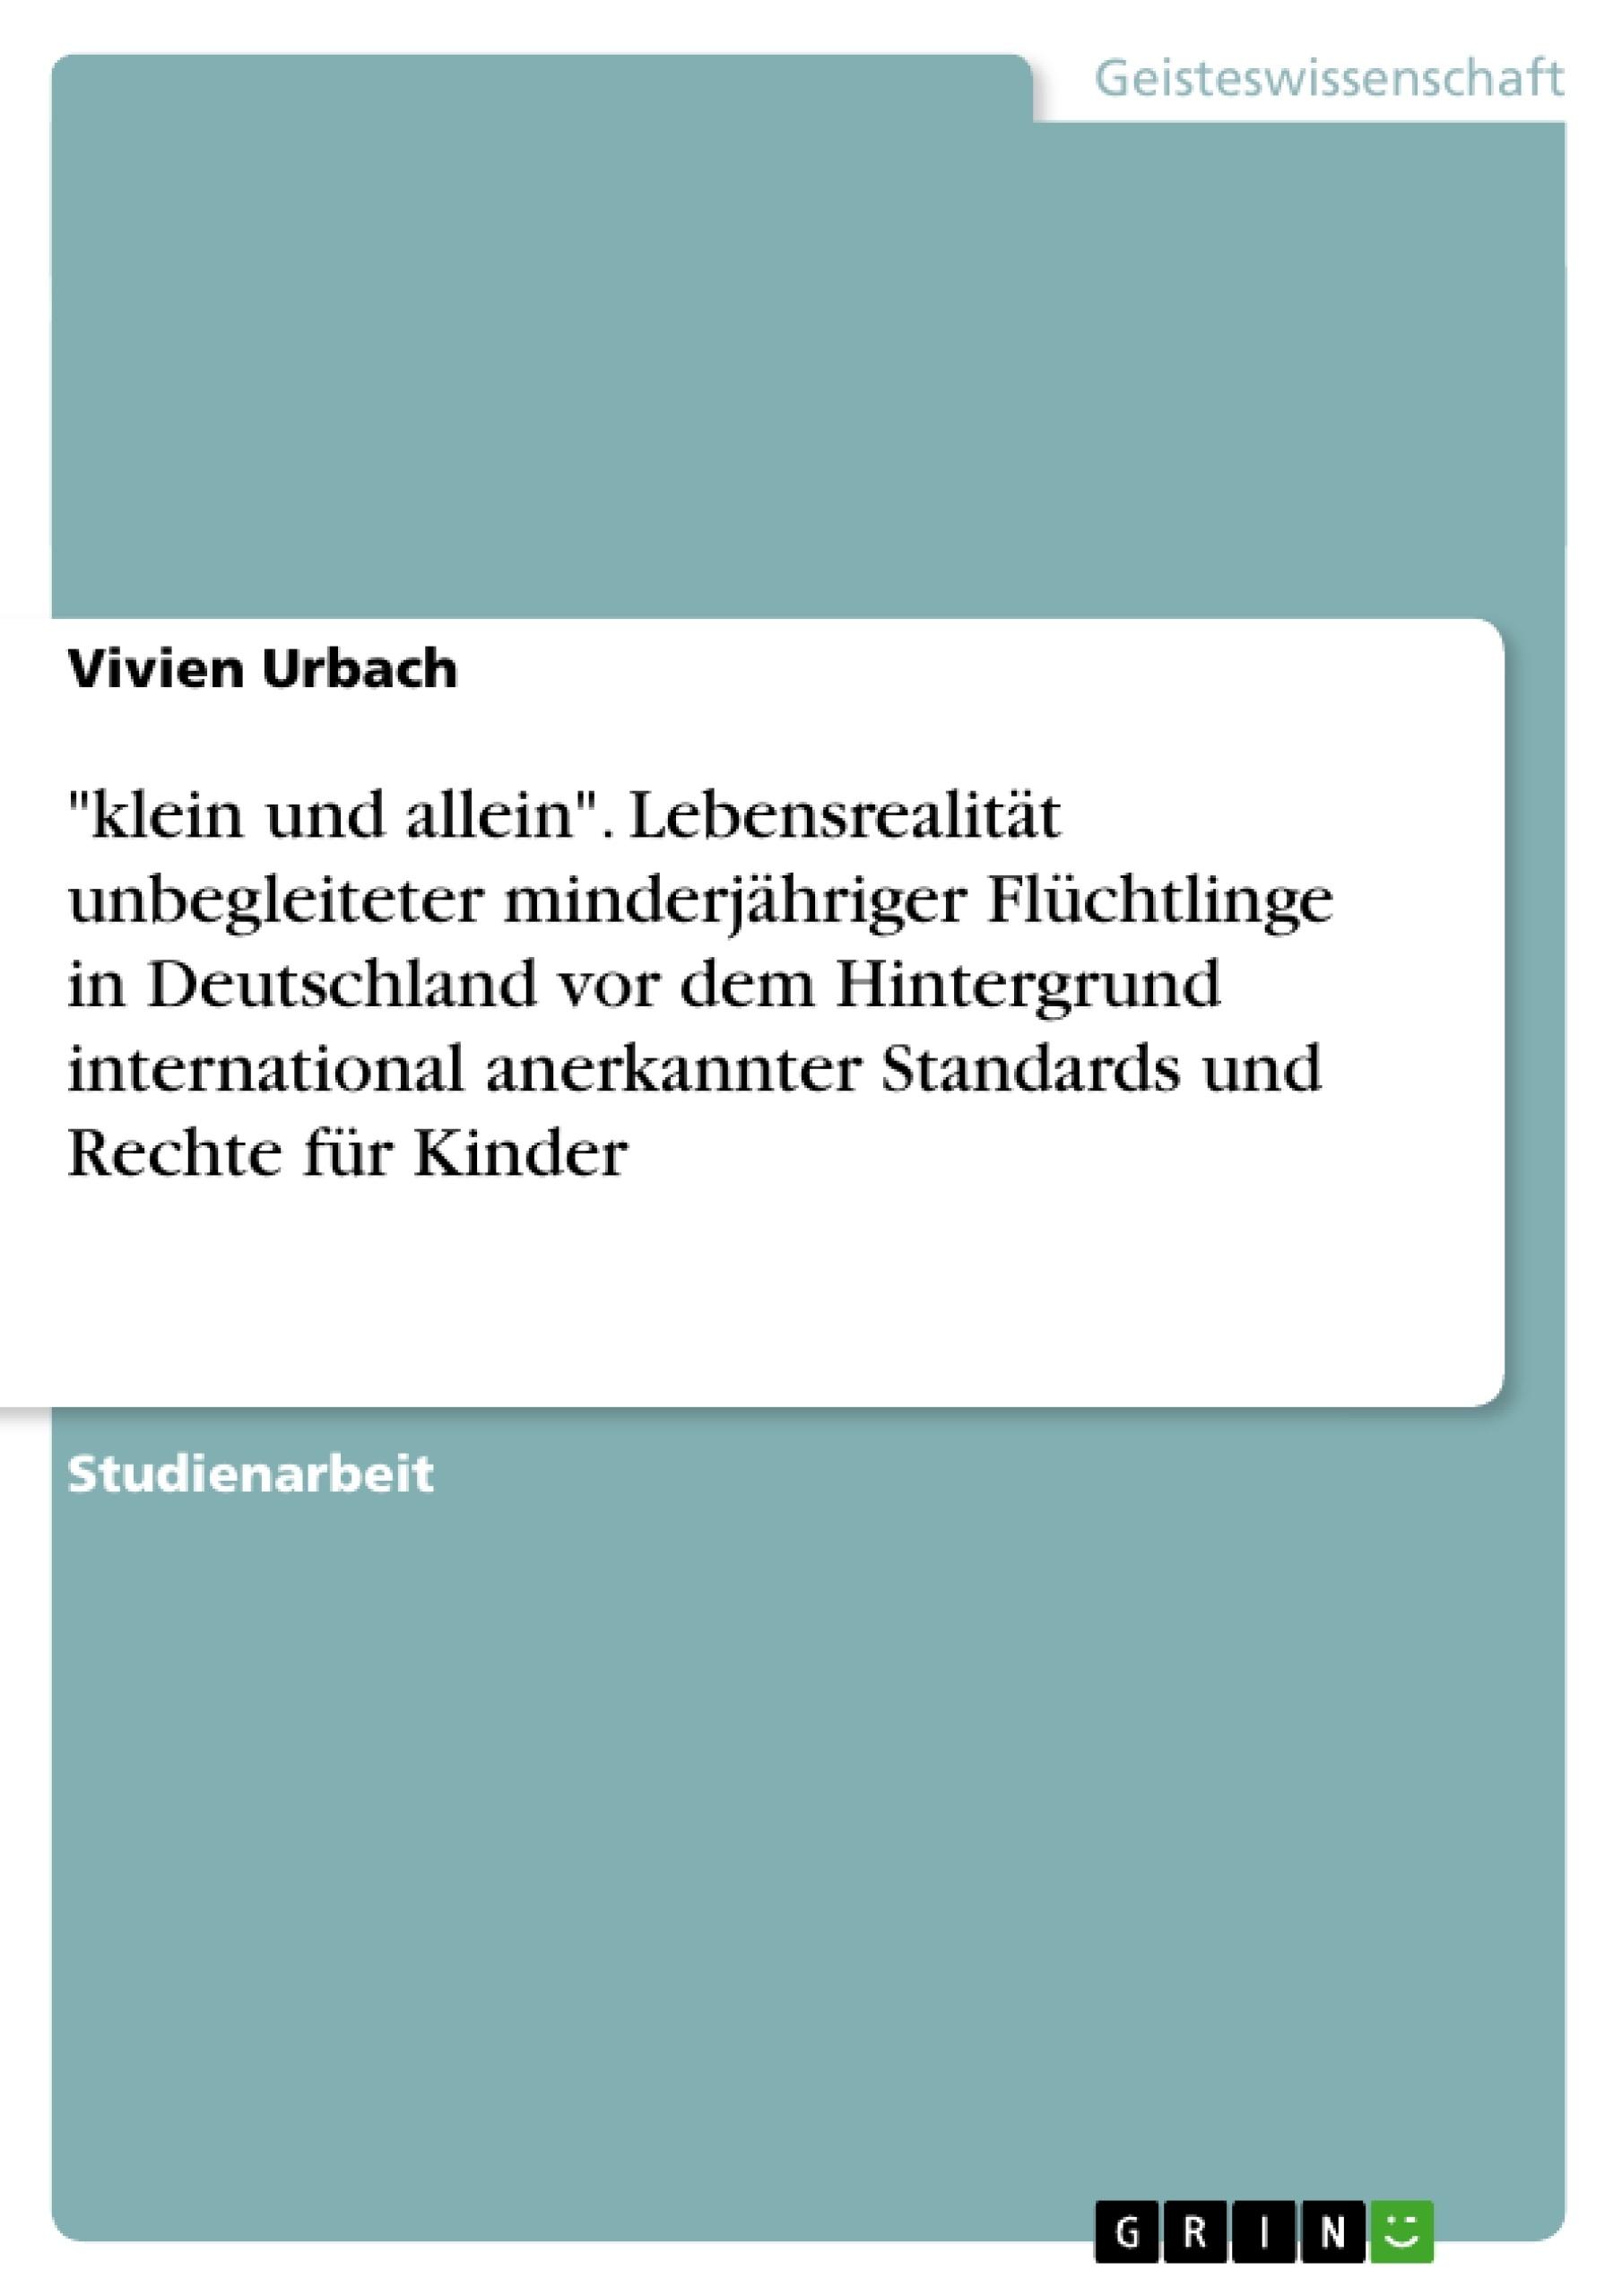 """Titel: """"klein und allein"""". Lebensrealität unbegleiteter minderjähriger Flüchtlinge in Deutschland vor dem Hintergrund international anerkannter Standards und Rechte für Kinder"""